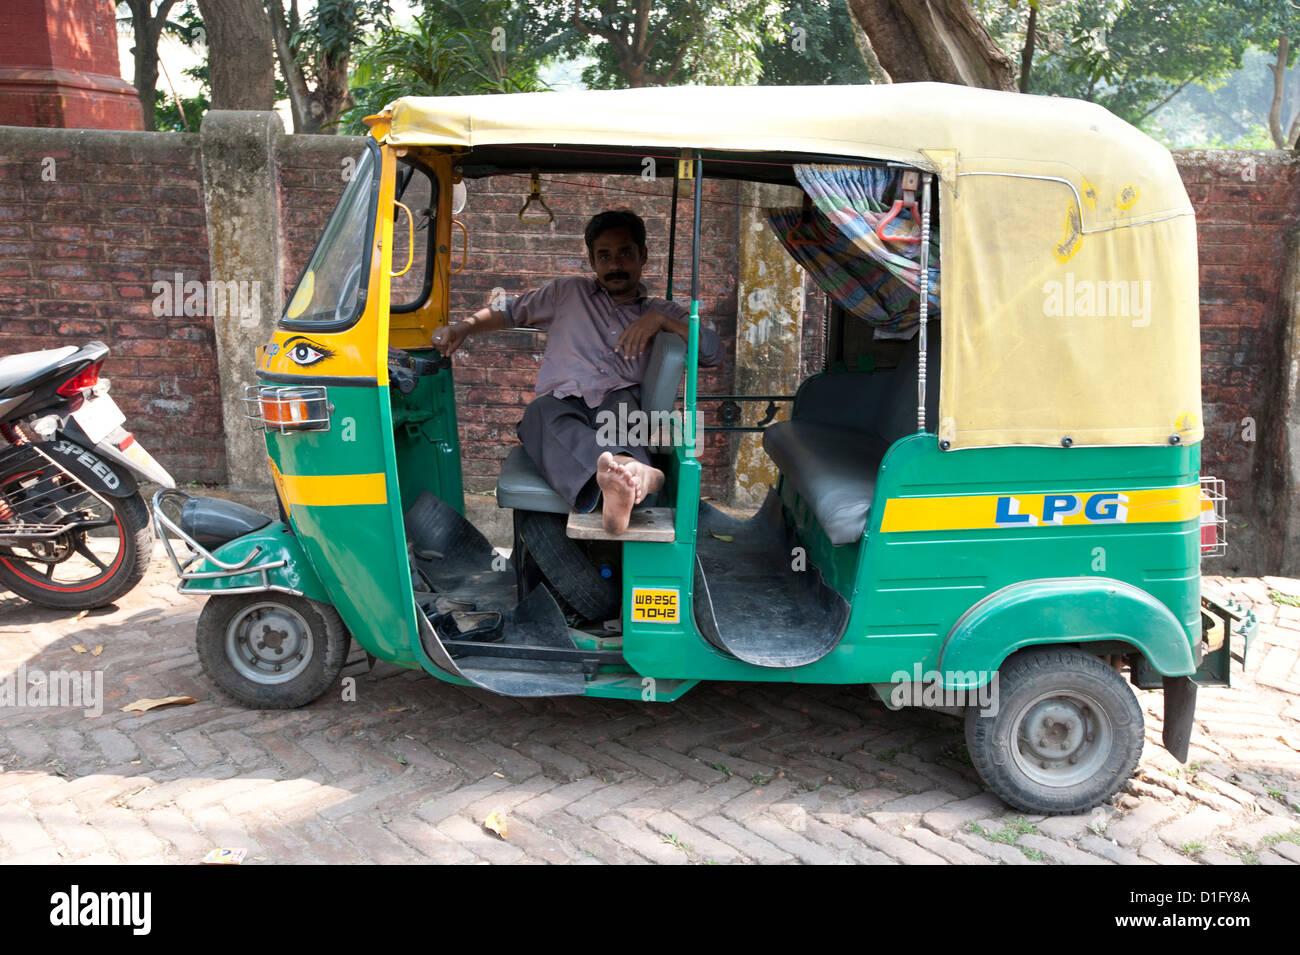 Rikscha Wallah warten Brauch in seiner Rikscha (Tuk Tuk), Barrackpore, West Bengalen, Indien, Asien Stockbild